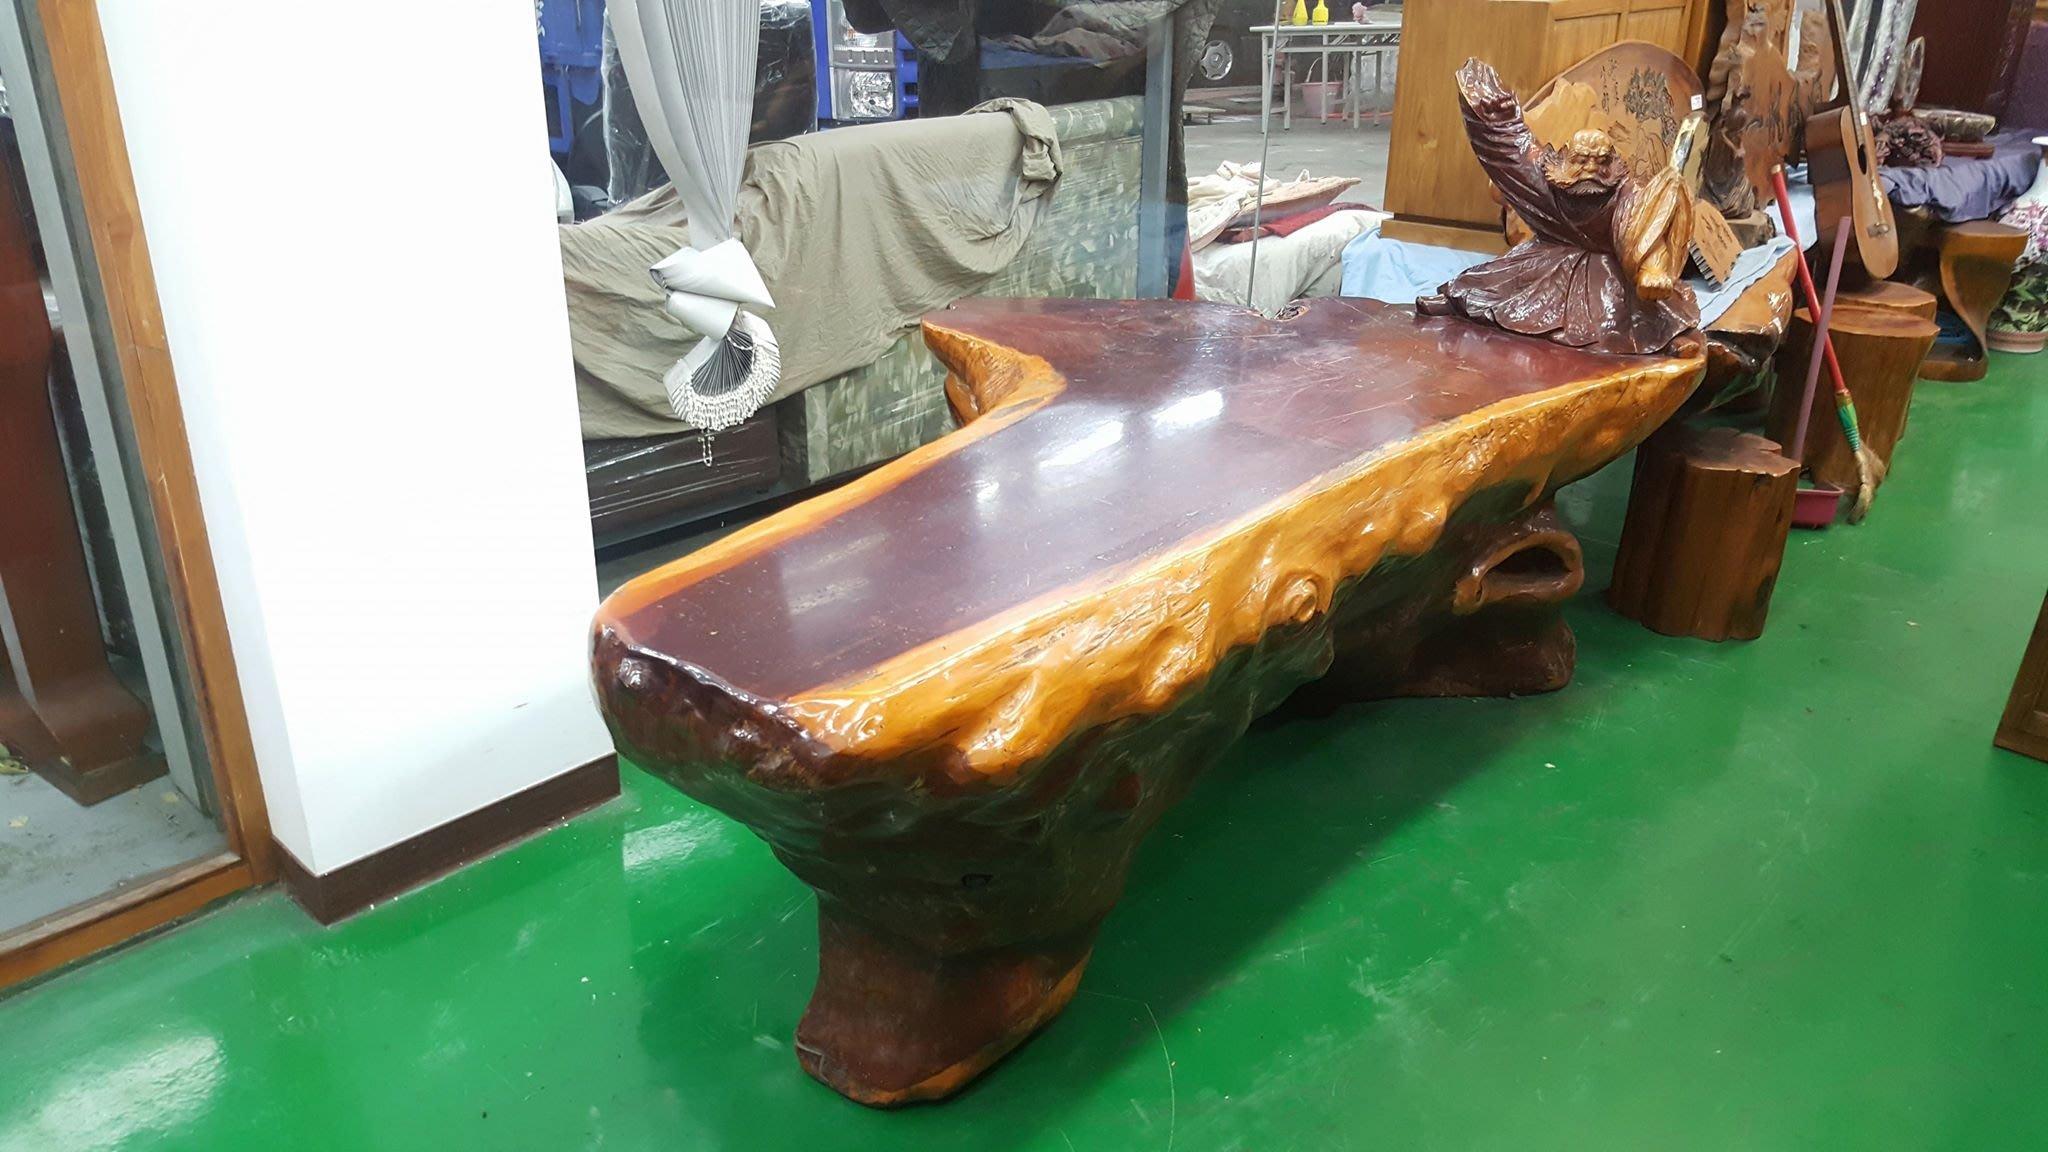 宏品二手家具台中 全新中古傢俱家電拍賣 LG61003*原木一體成形紅豆杉泡茶桌 茶几*客廳沙發桌椅 戶外休閒桌椅 餐桌